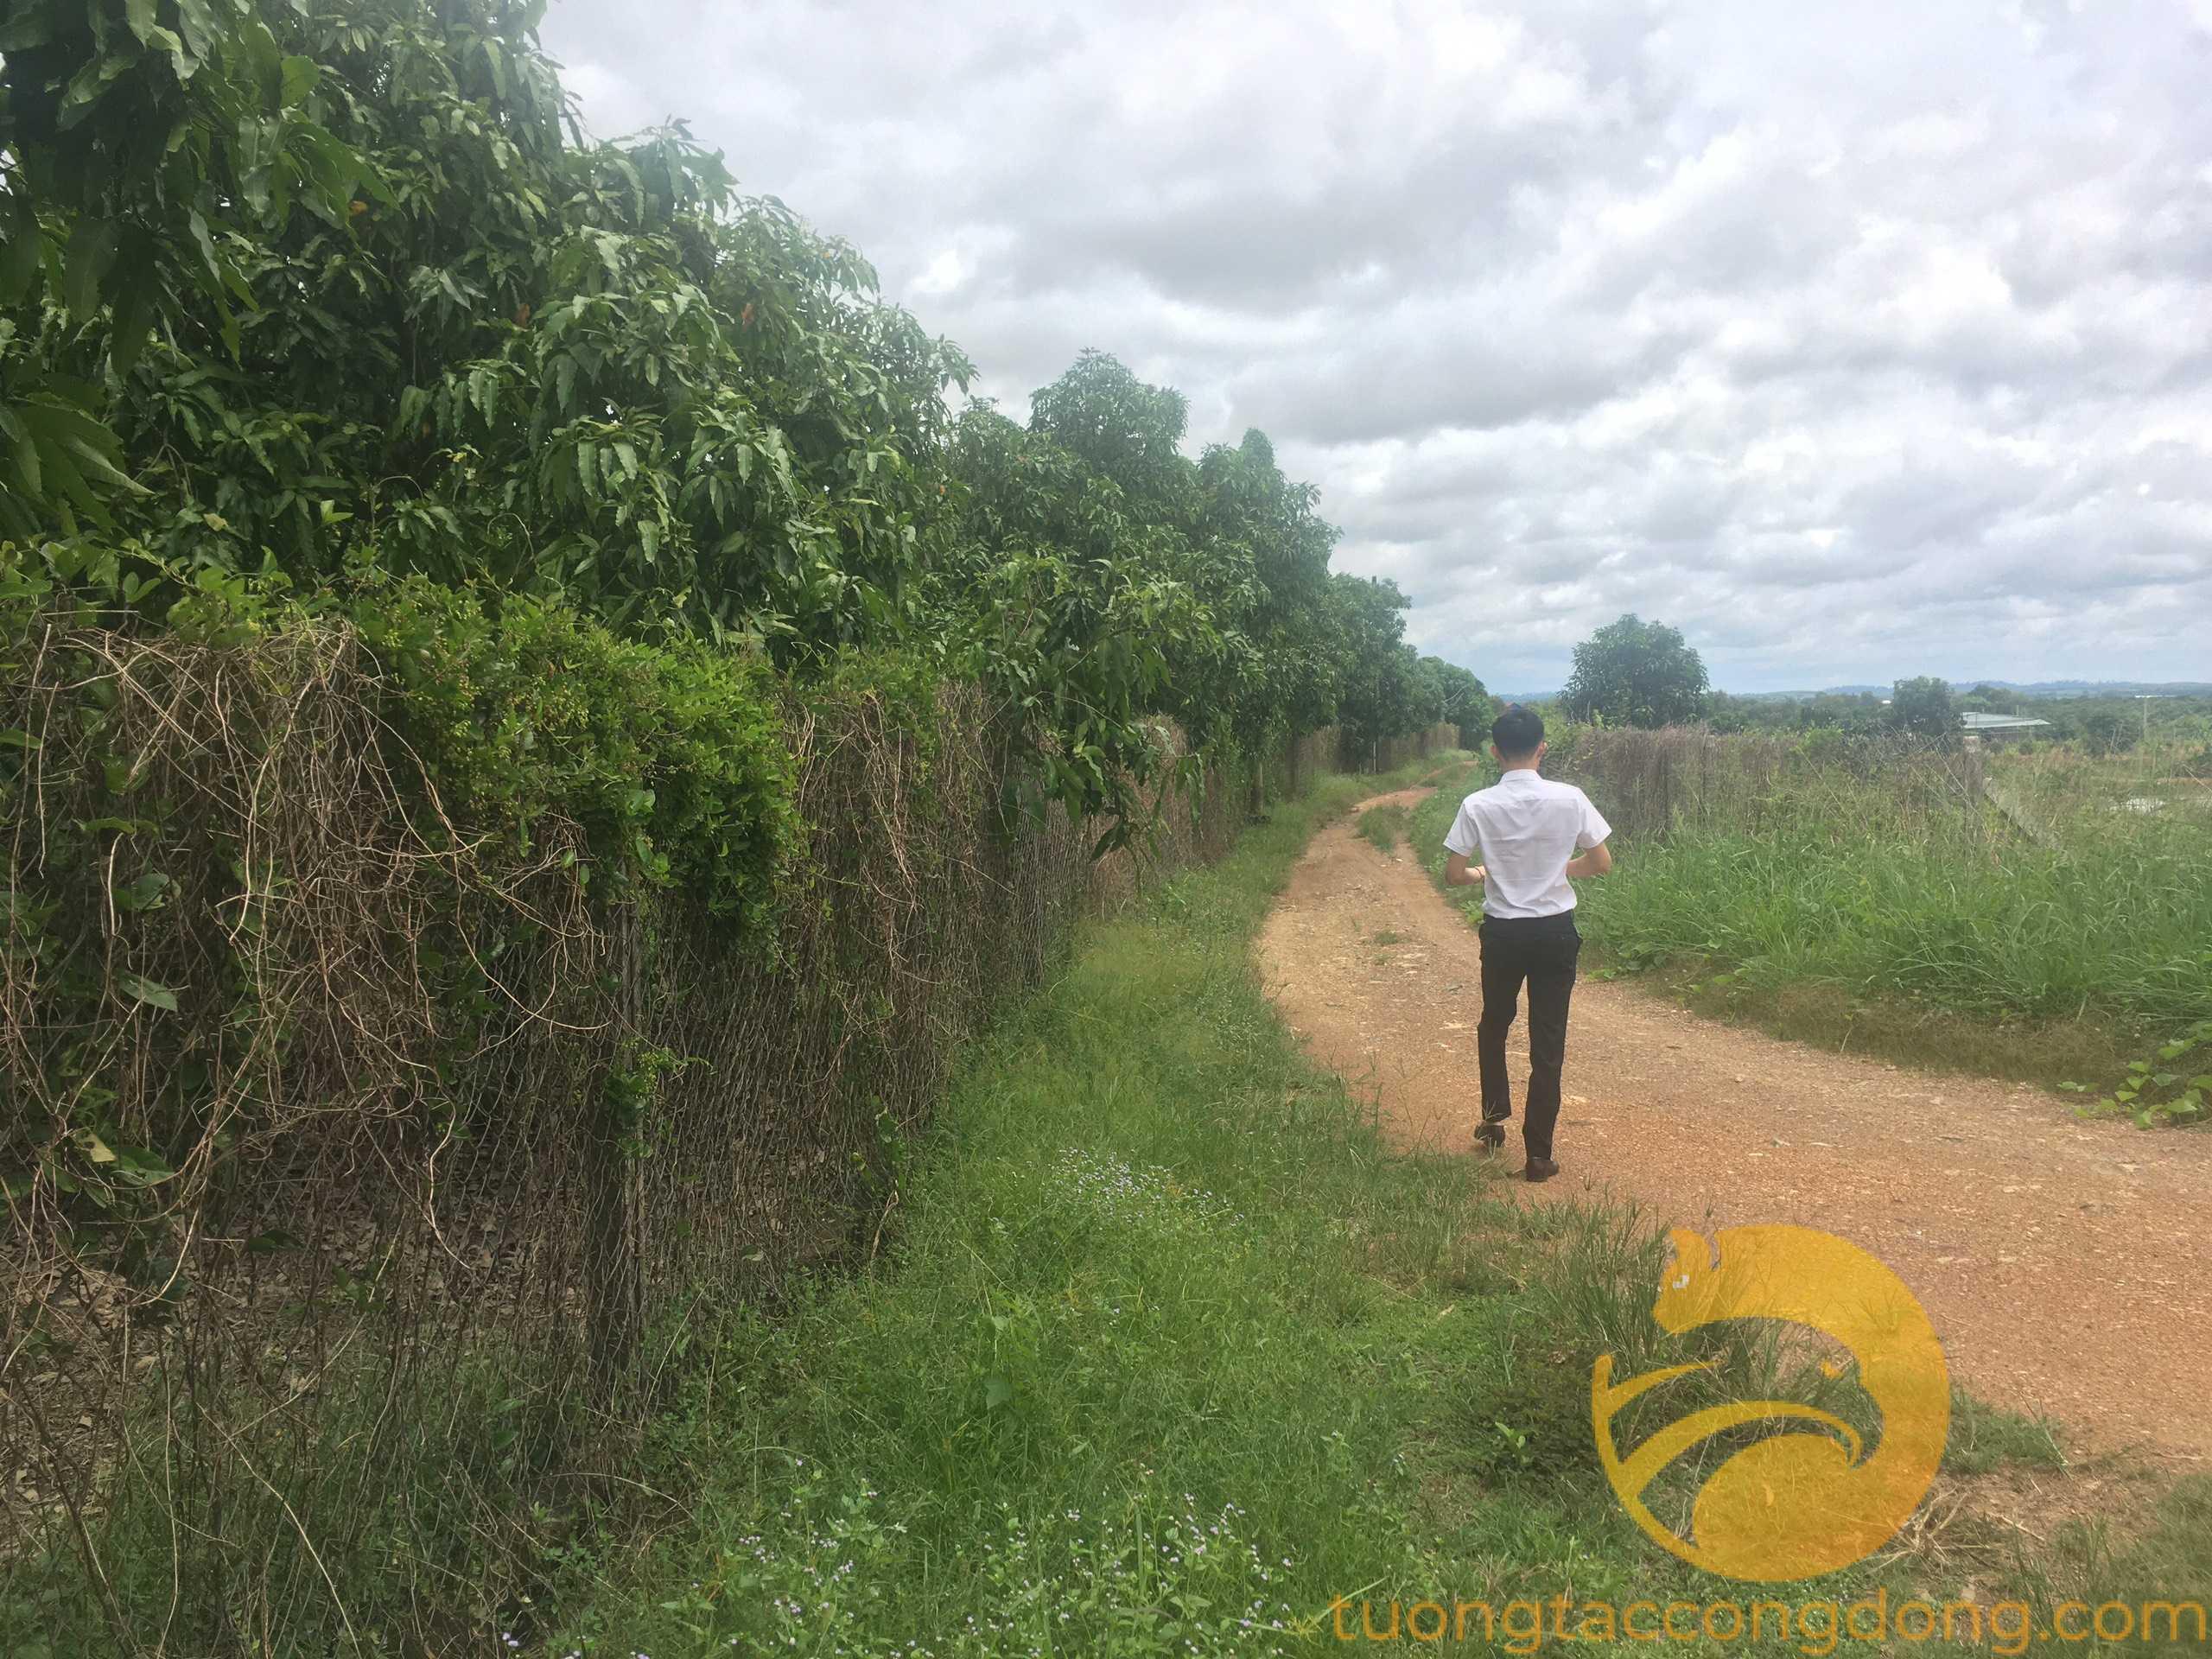 Đất trồng cây giá rẻ, 2000m2 giá 740 triệu sổ riêng, công chứng ngay